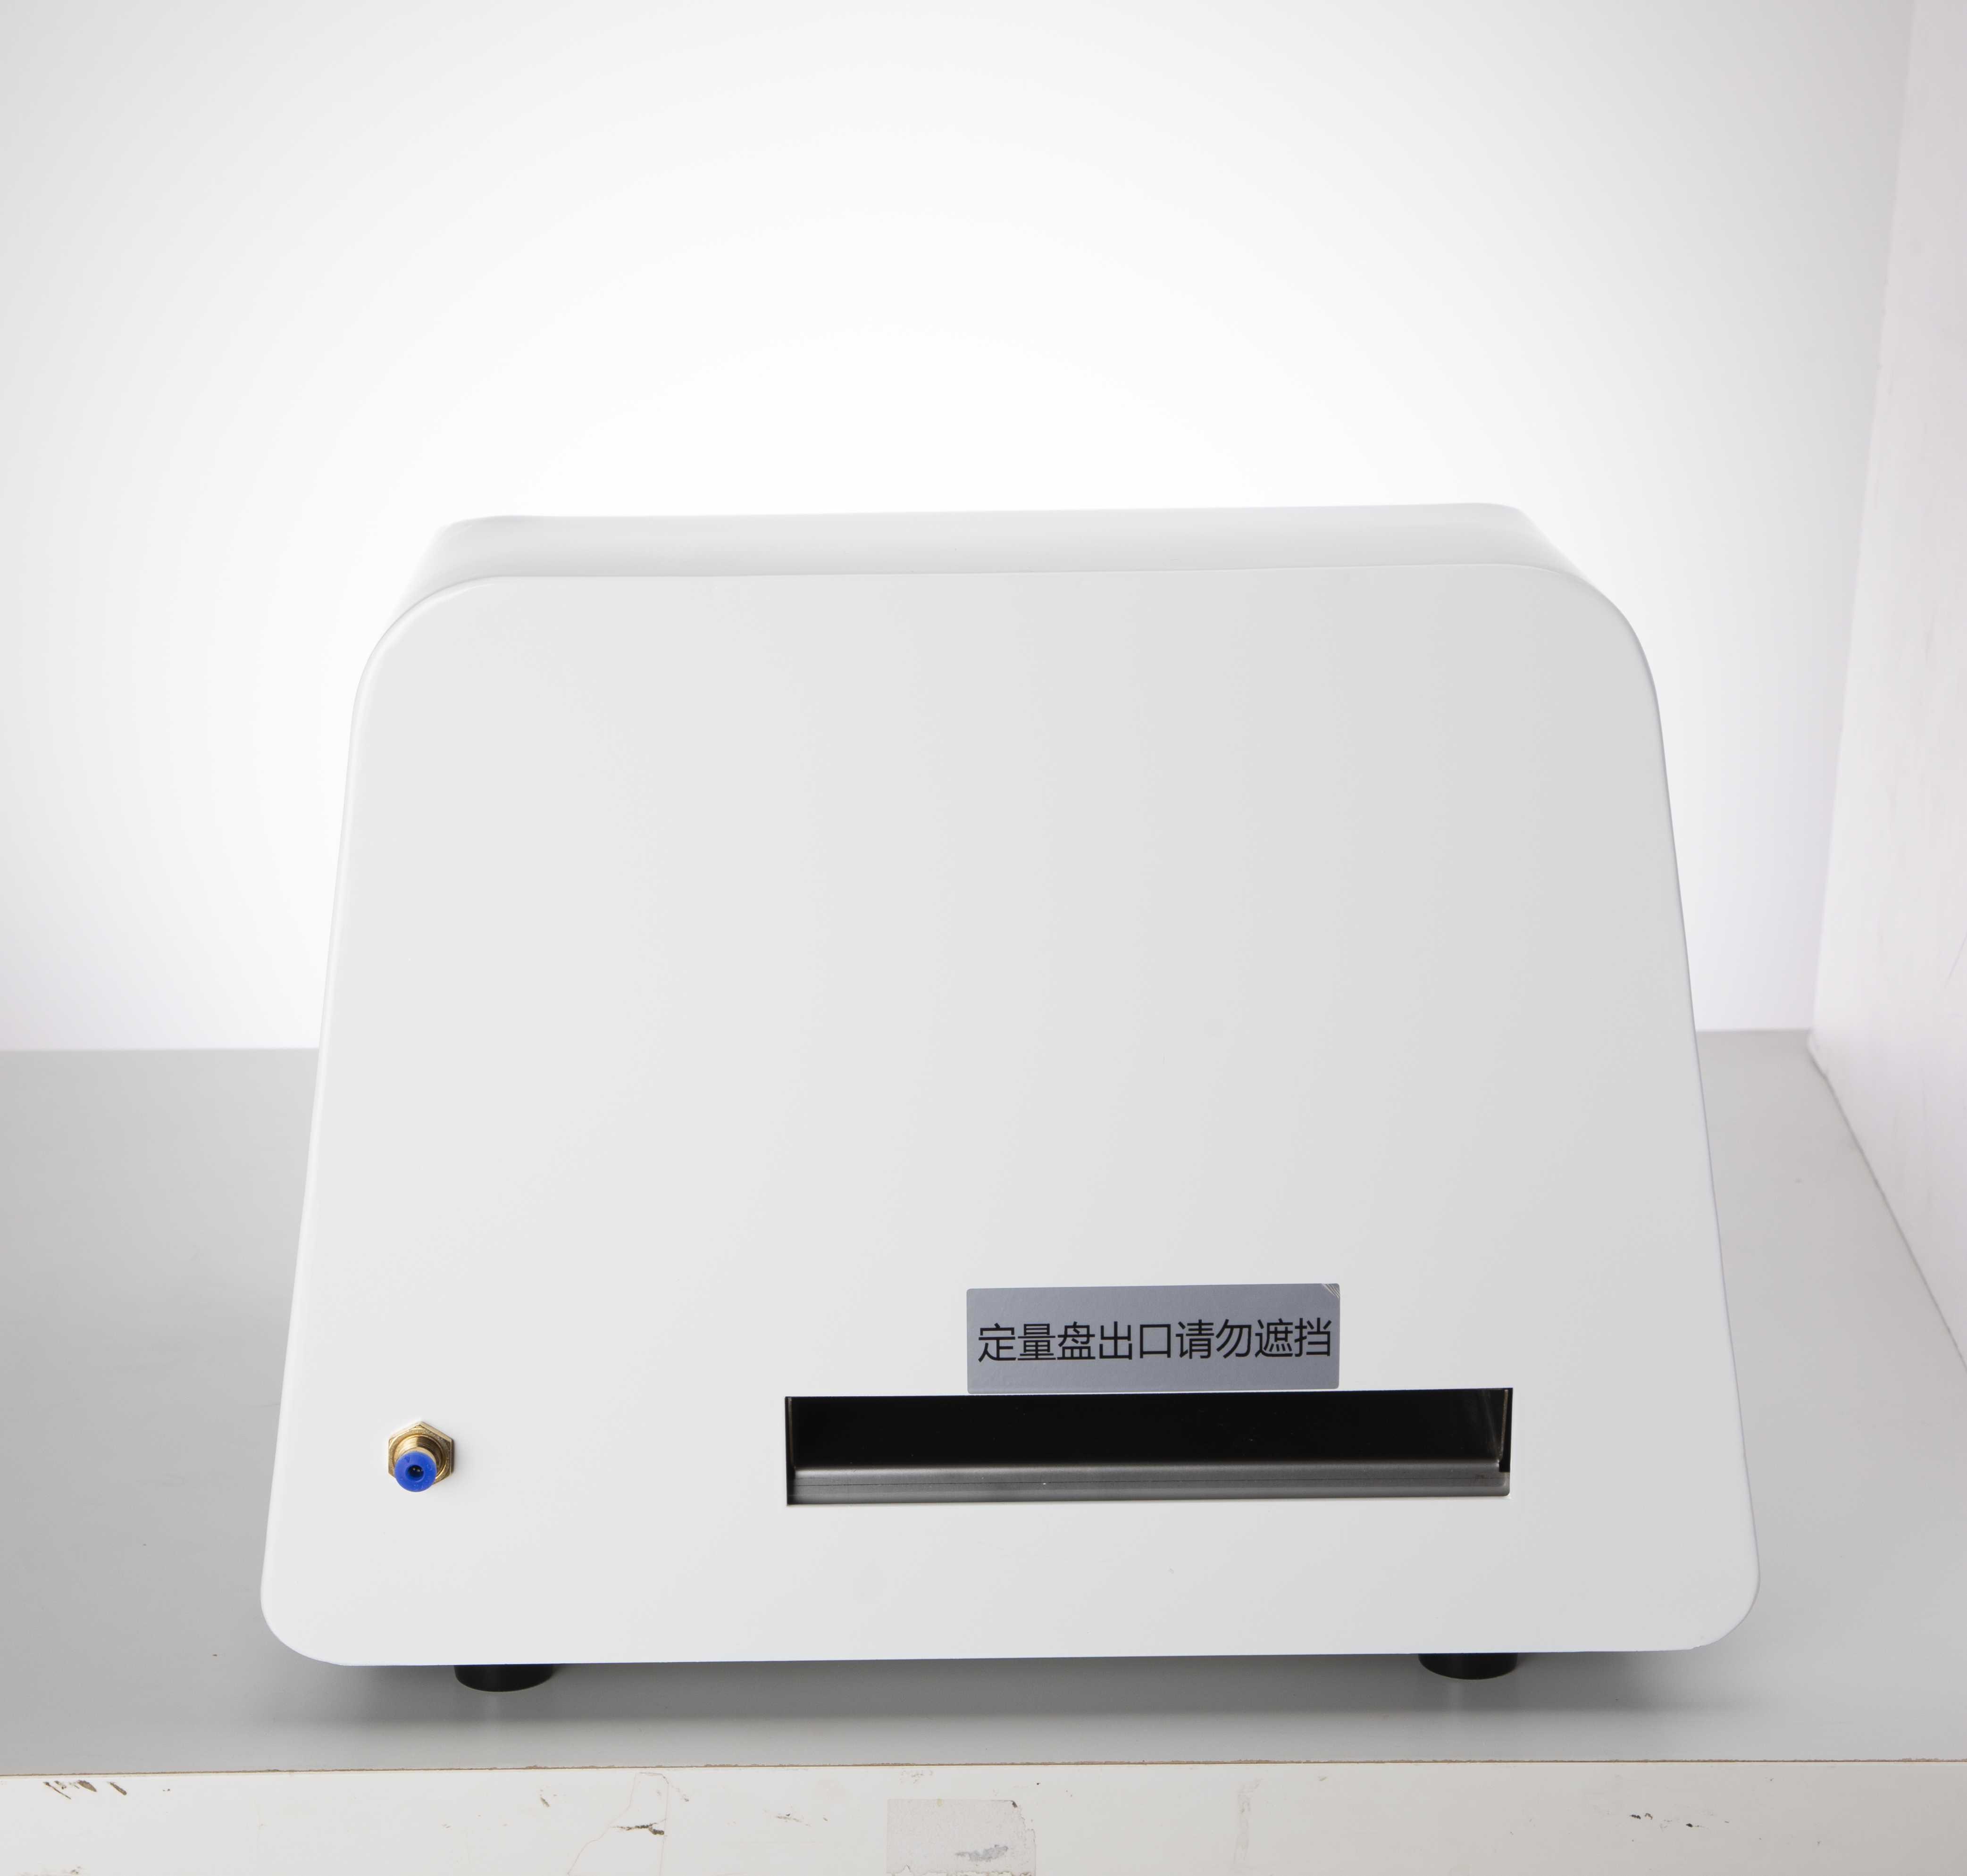 sea plus 酶底物法检测系统(程控定量封口机)使用手册说明